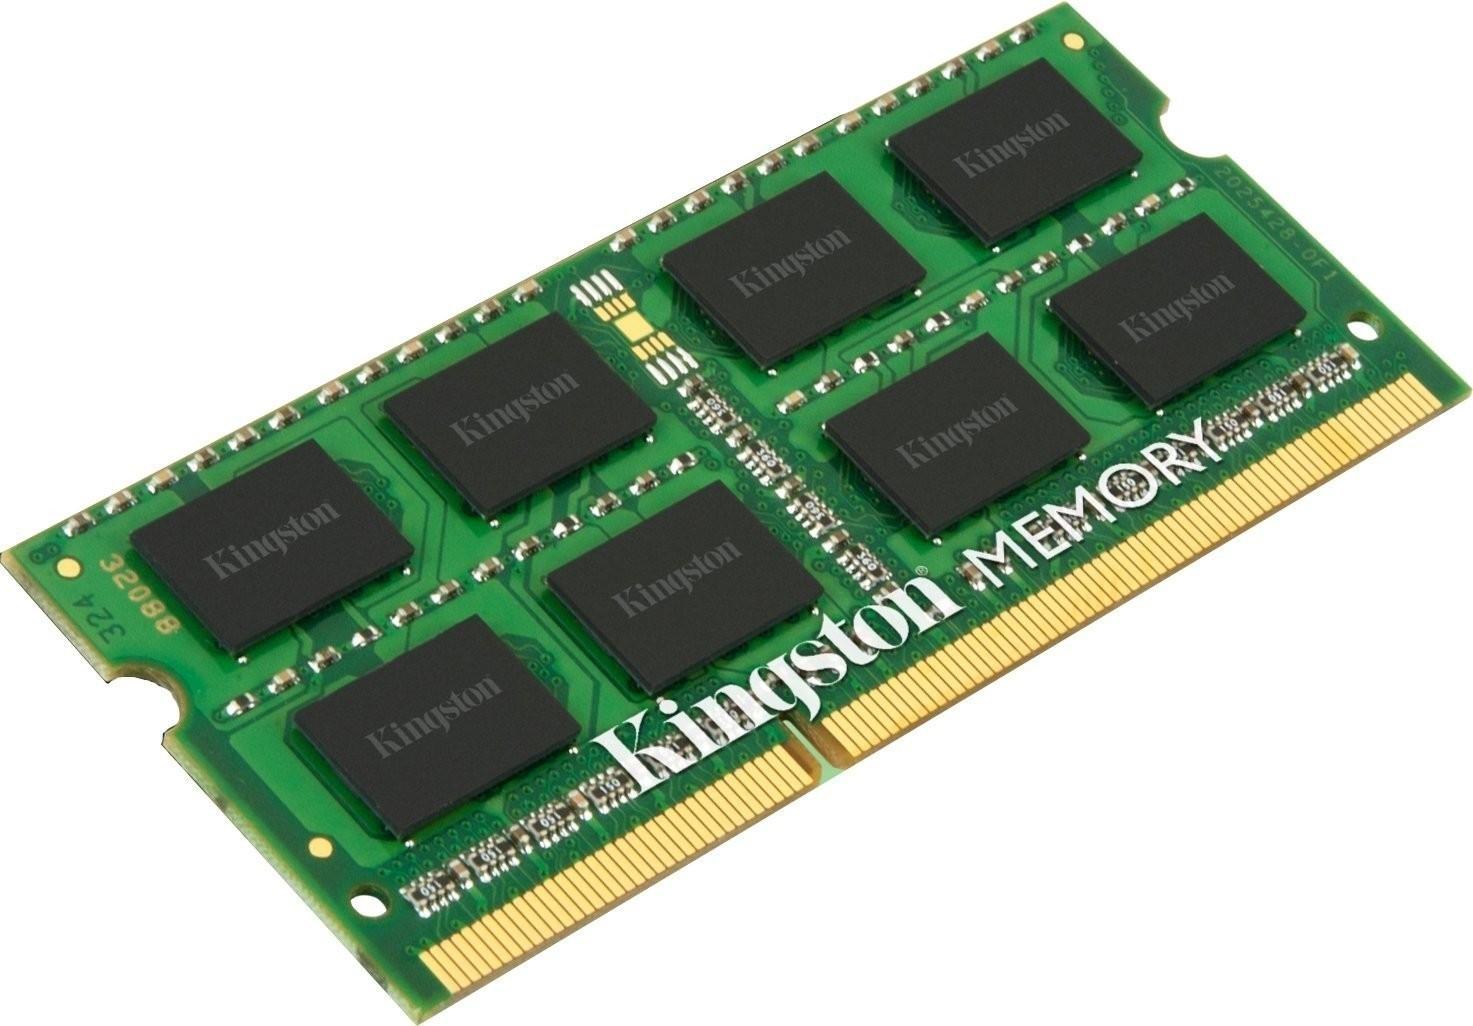 Kingston 8GB DDR3 PC3-12800 (KTA-MB1600/8G)